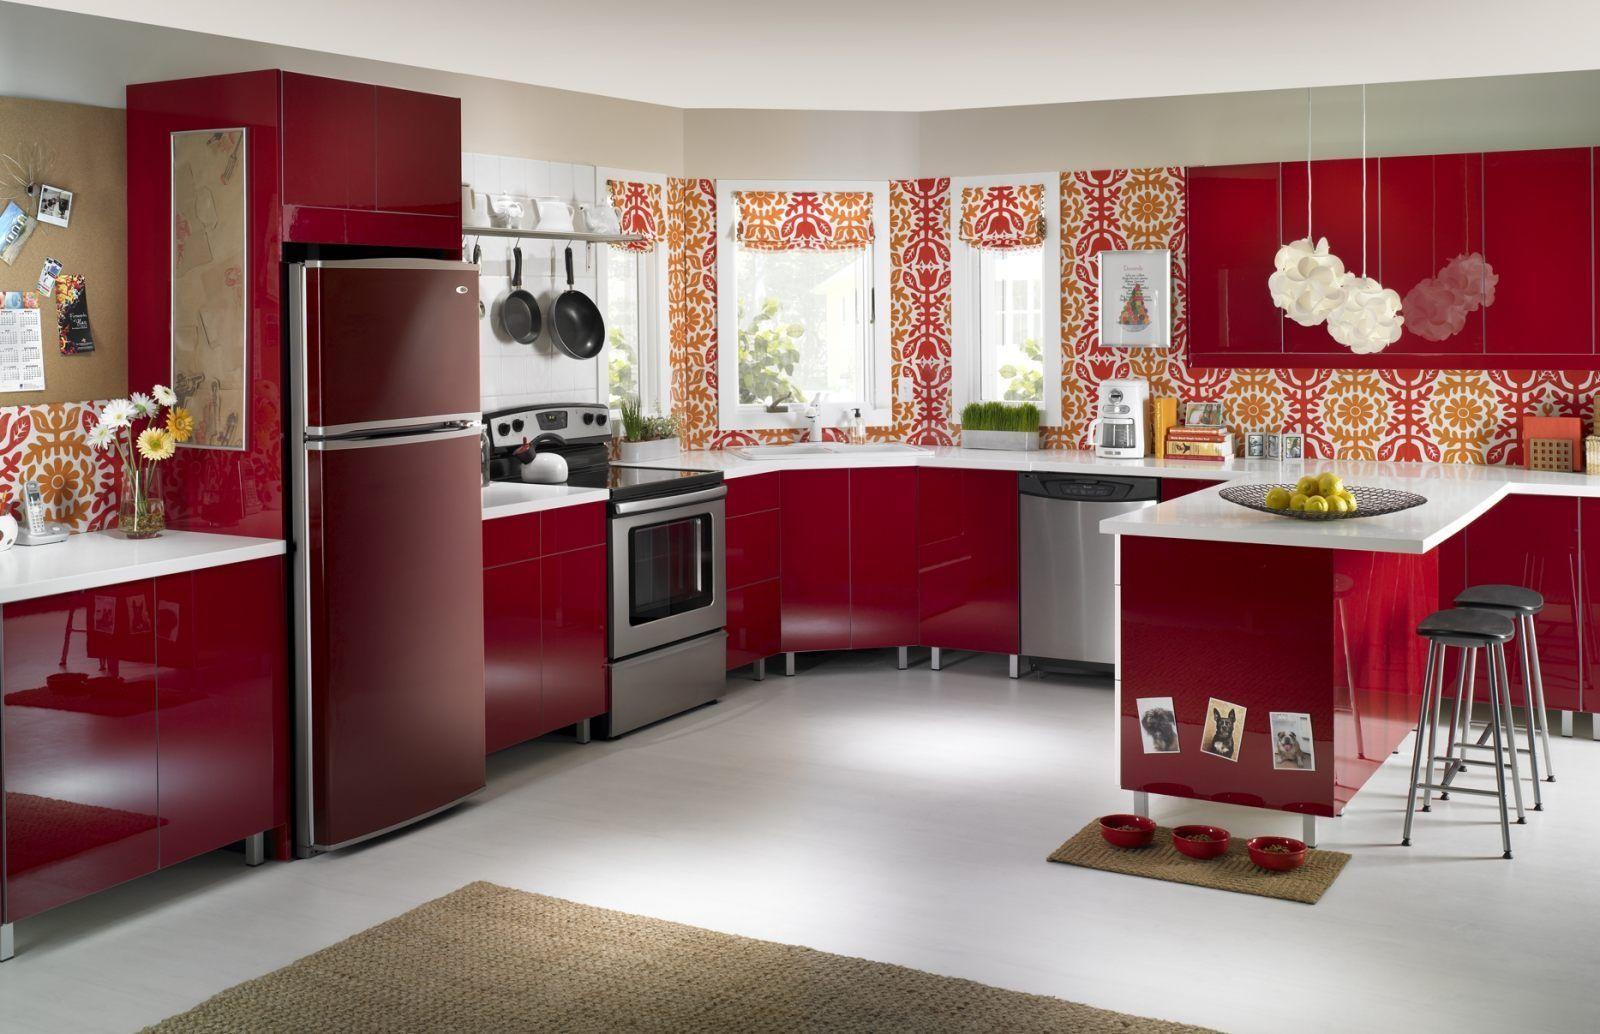 azulejos para cocinas modernas estos azulejos son muy modernos y decorativos presentan colores